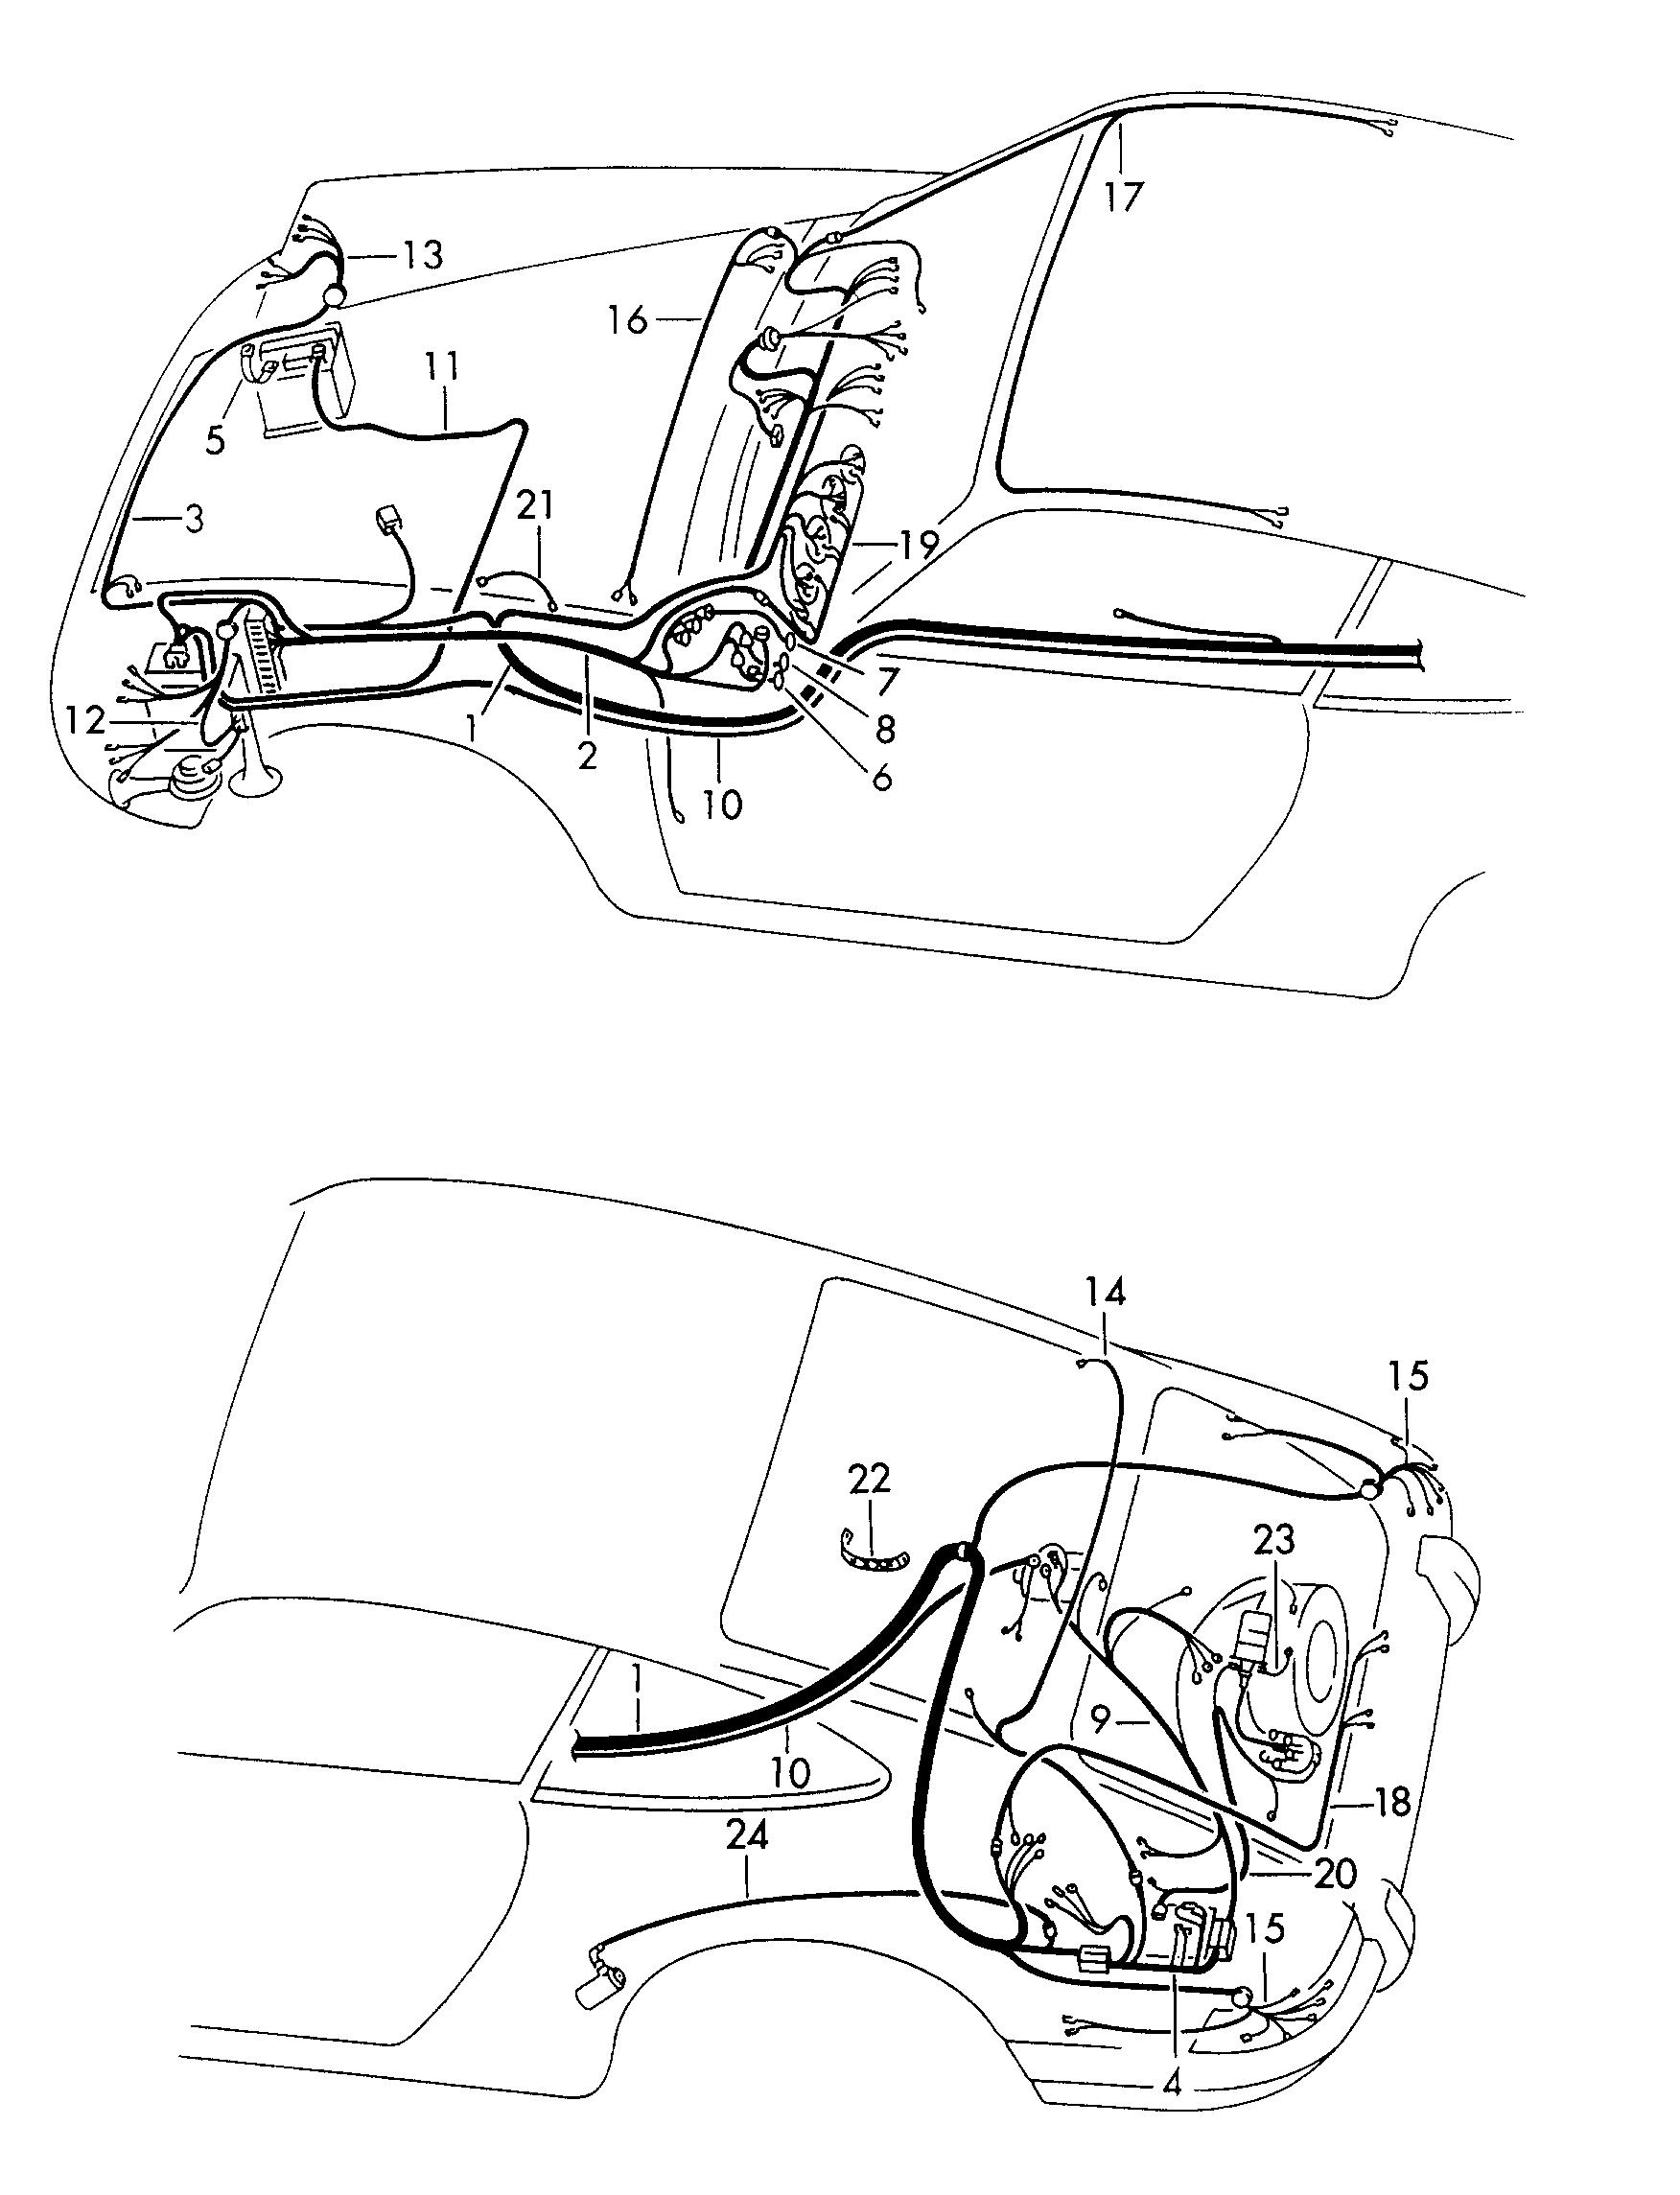 Porsche Wiring Harnes - Wiring Diagrams